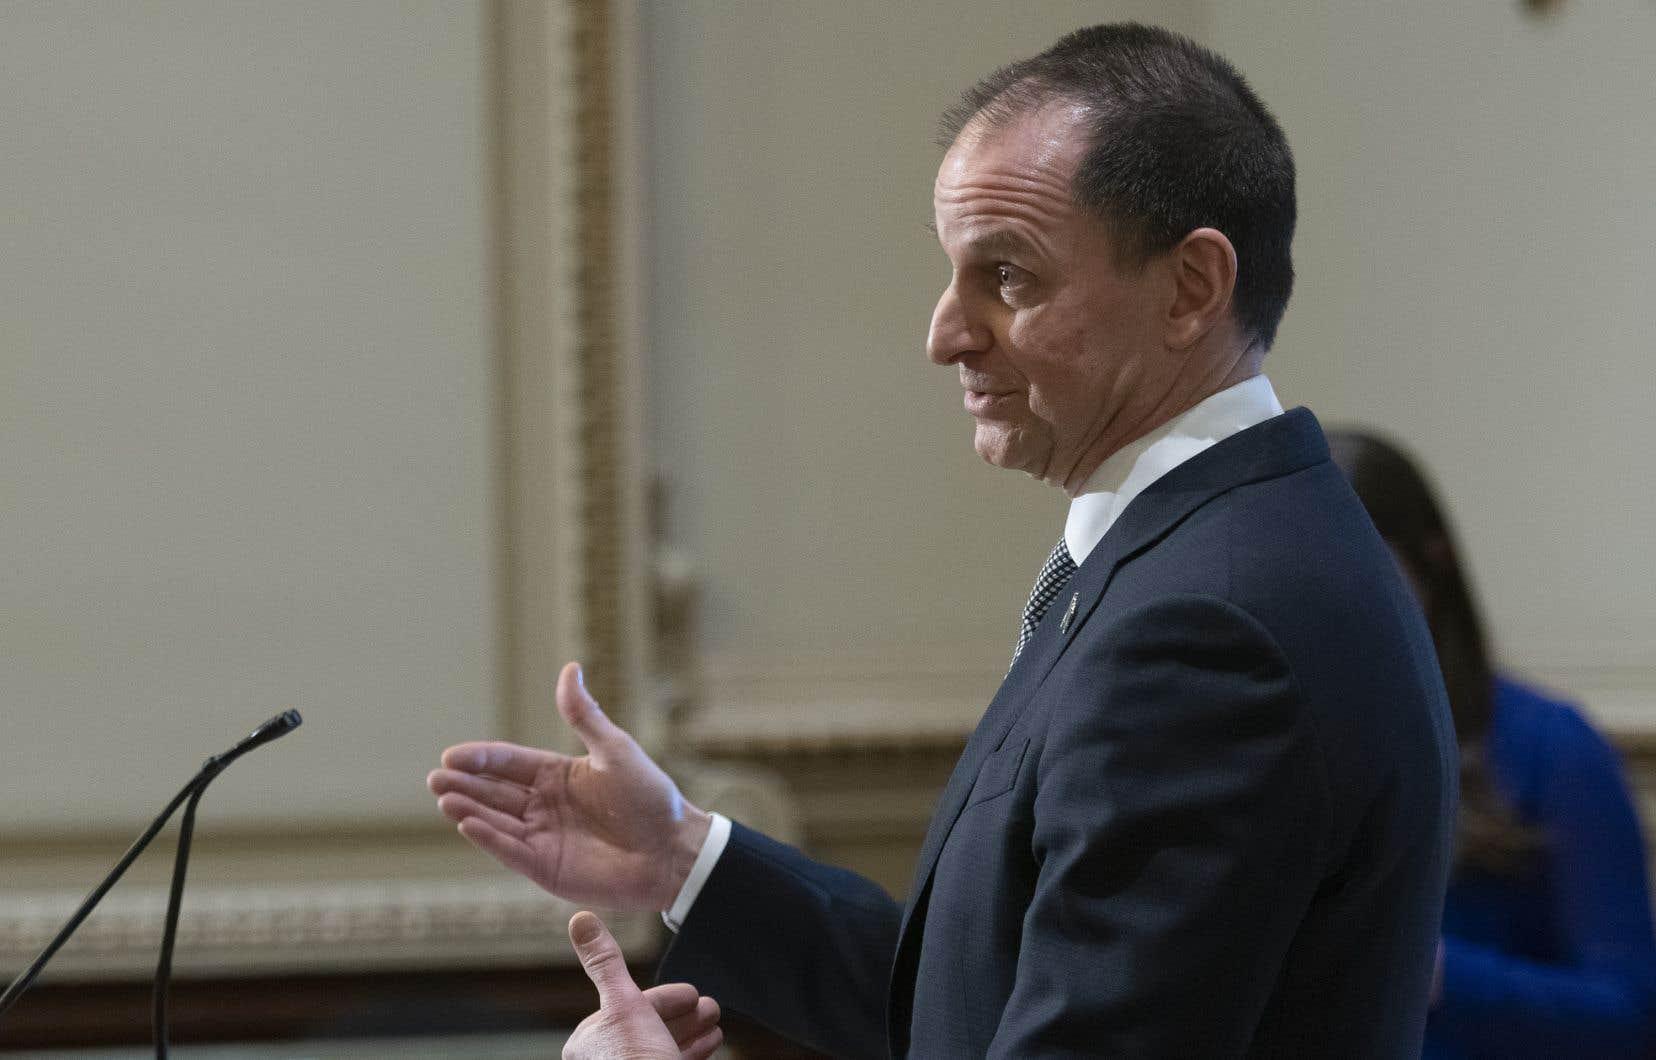 Selon le ministère des Finances, Eric Girard, les agences de notation ont estimé que le Québec «comptait sur une économie forte et diversifiée et que l'engagement du gouvernement à revenir à l'équilibre budgétaire démontrait une saine gestion des finances publiques».